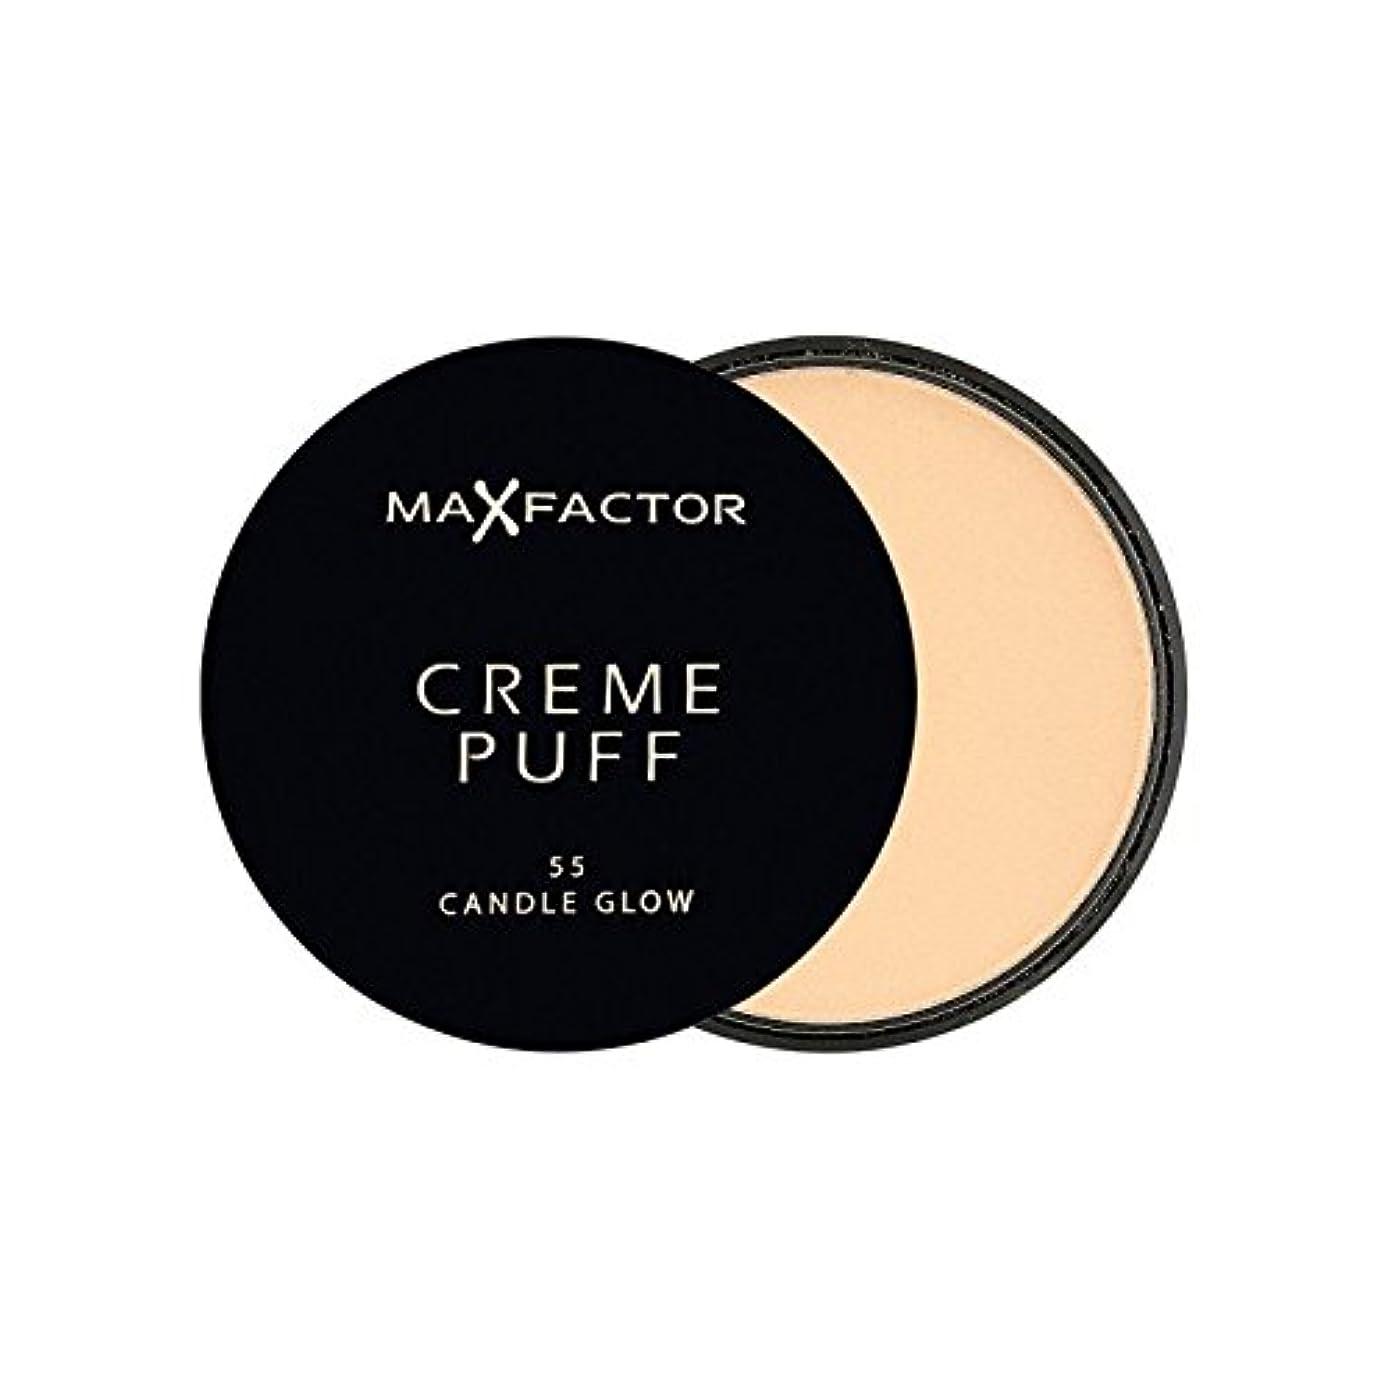 能力ホラー氏Max Factor Creme Puff Powder Compact Candle Glow 55 (Pack of 6) - マックスファクタークリームパフパウダーコンパクトろうそくは55グロー x6 [並行輸入品]